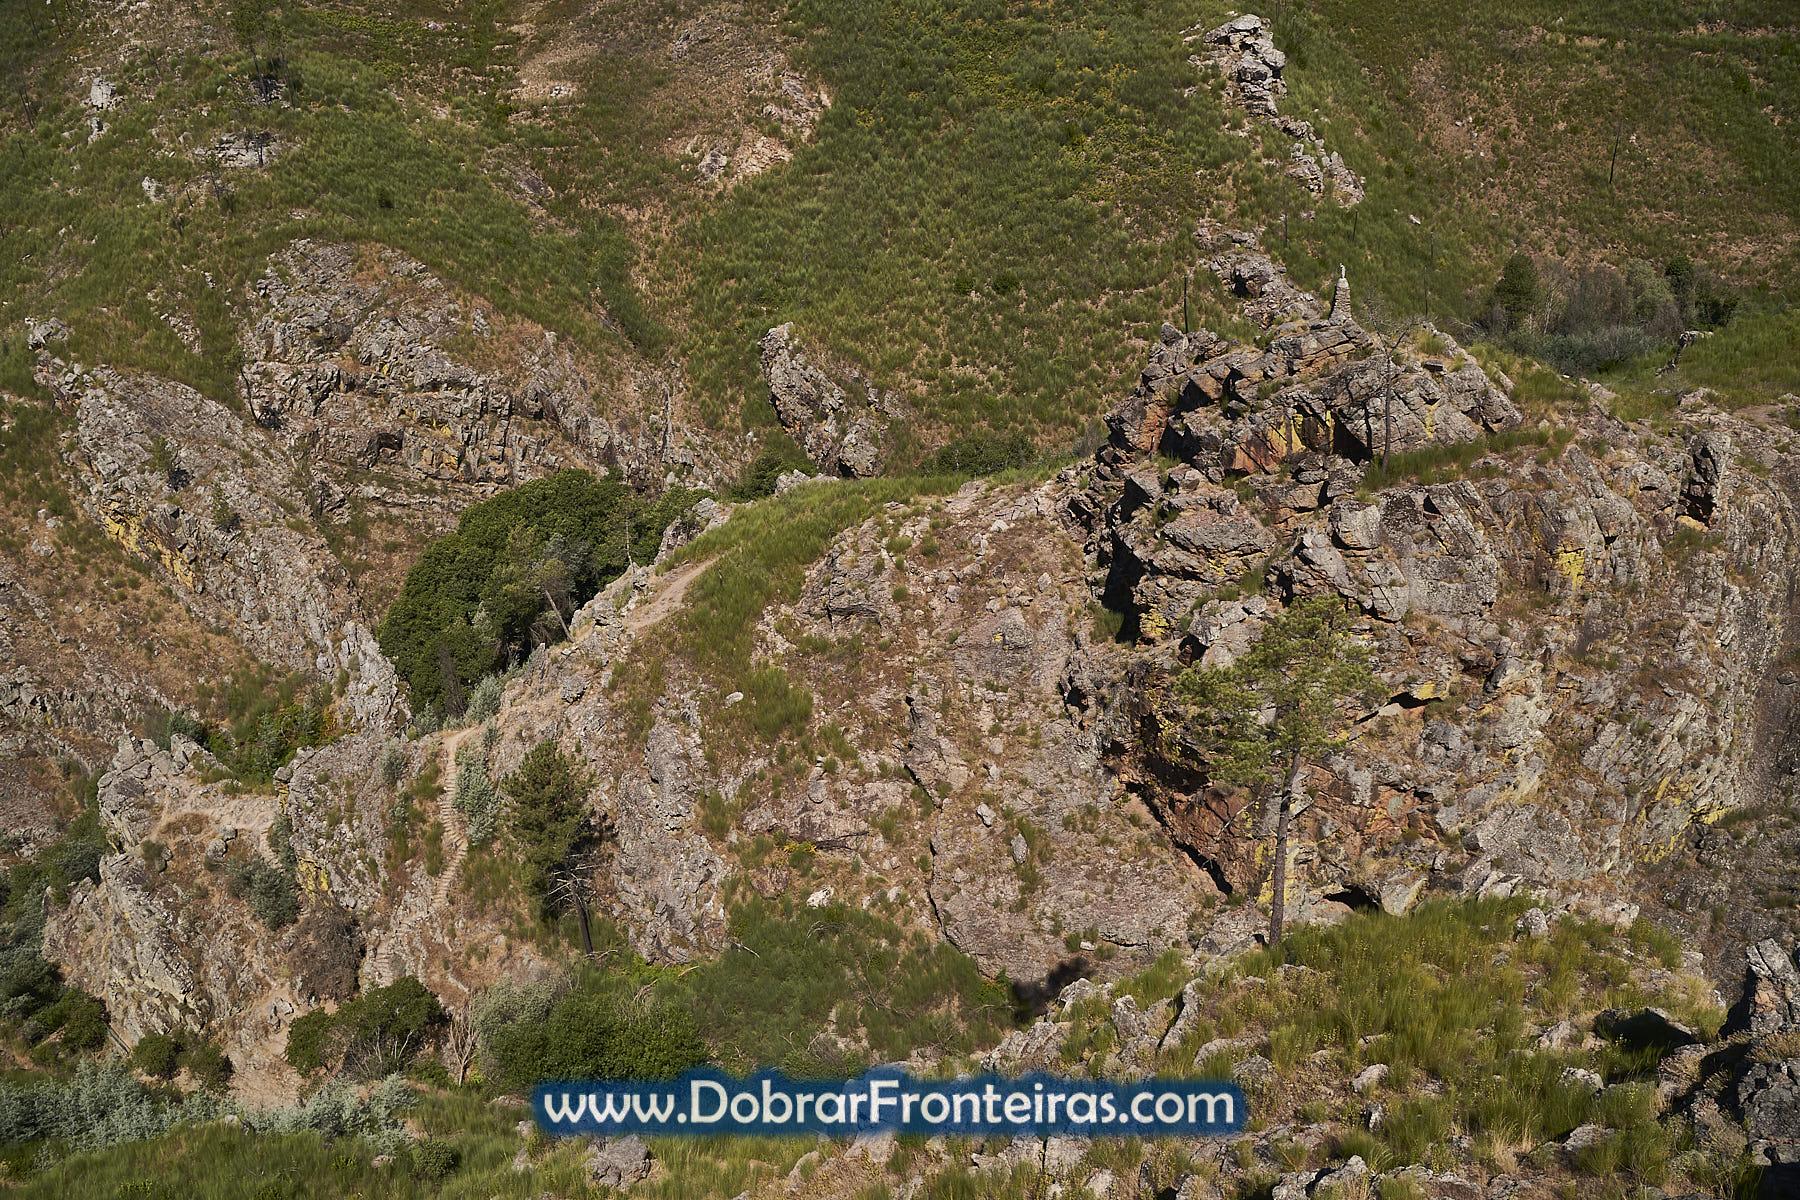 Miradouro das Fragas do Rabadão com rocha e estátua